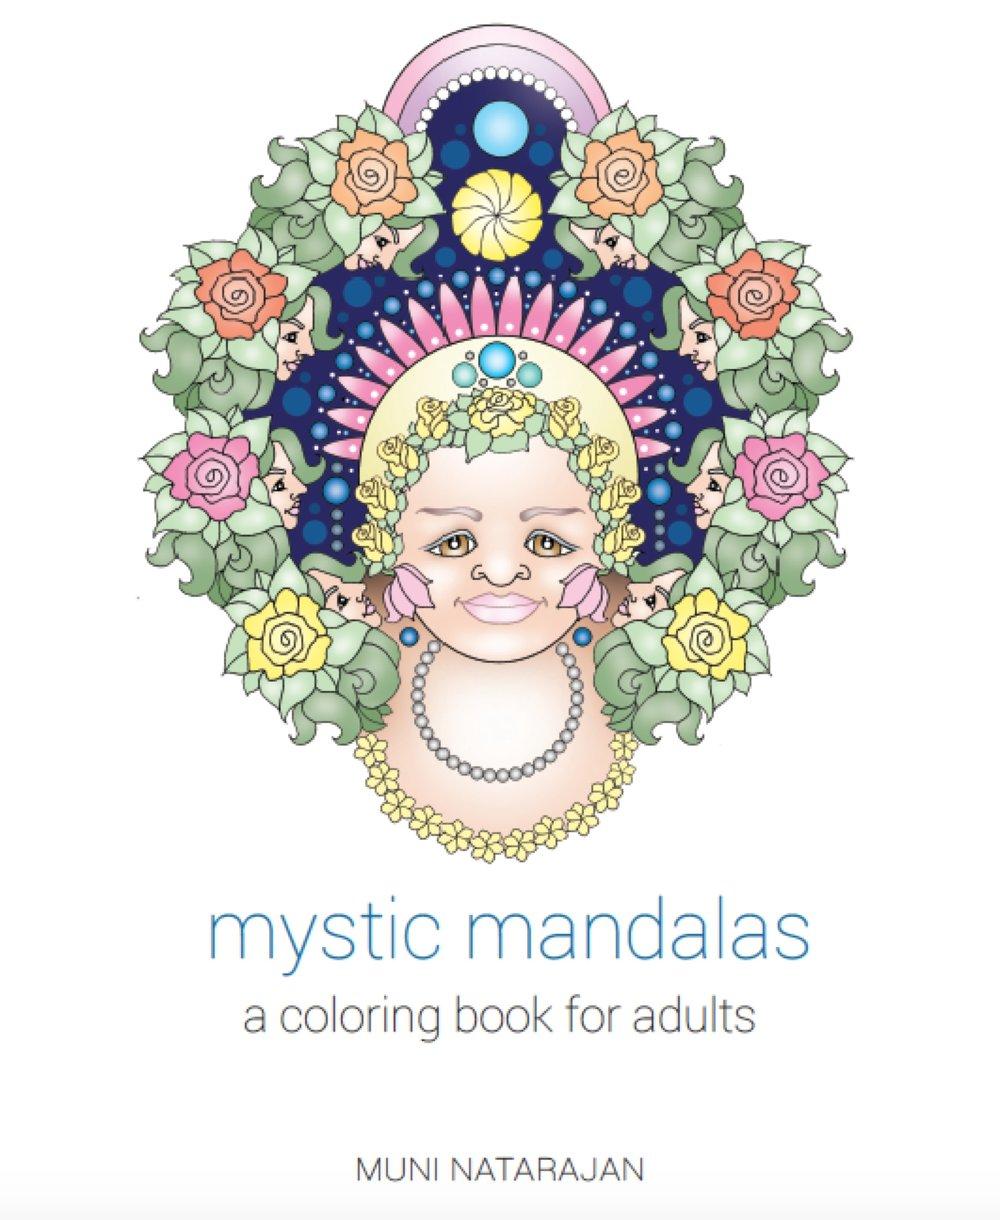 MysticMandalasbyMuniNatarajan